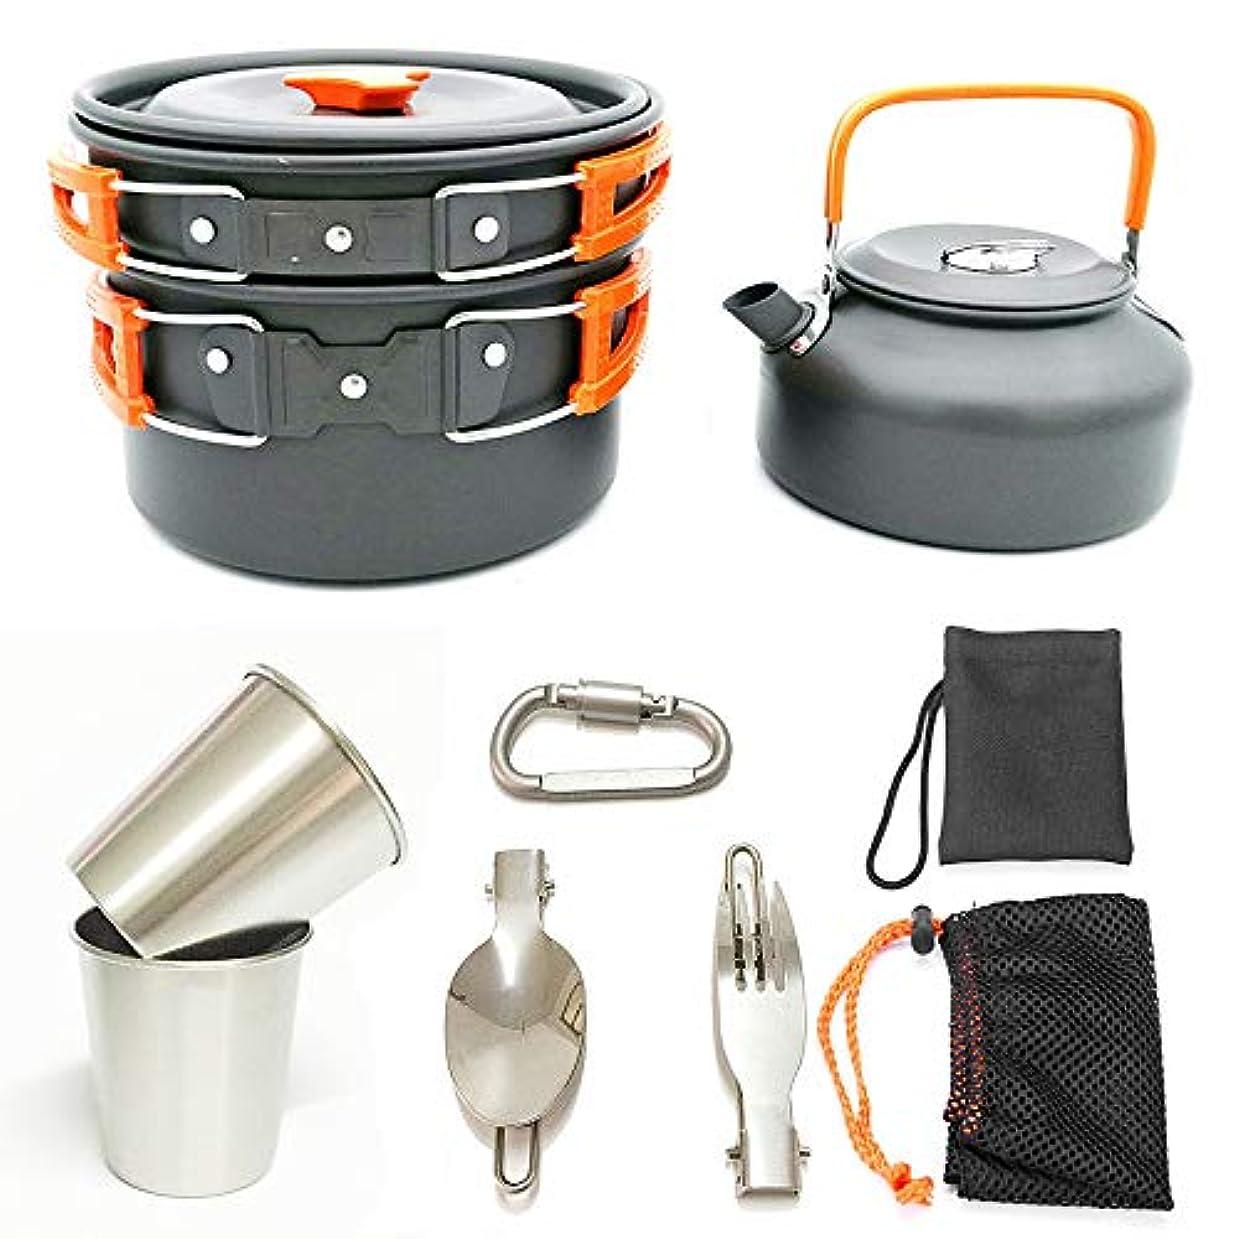 散らすインゲン誰屋外調理器具ピクニックアルミポットキャンプアクセサリー、ハイキングバックパッキングノンスティック調理ピクニックスプーン折りたたみポータブル鍋,Orange